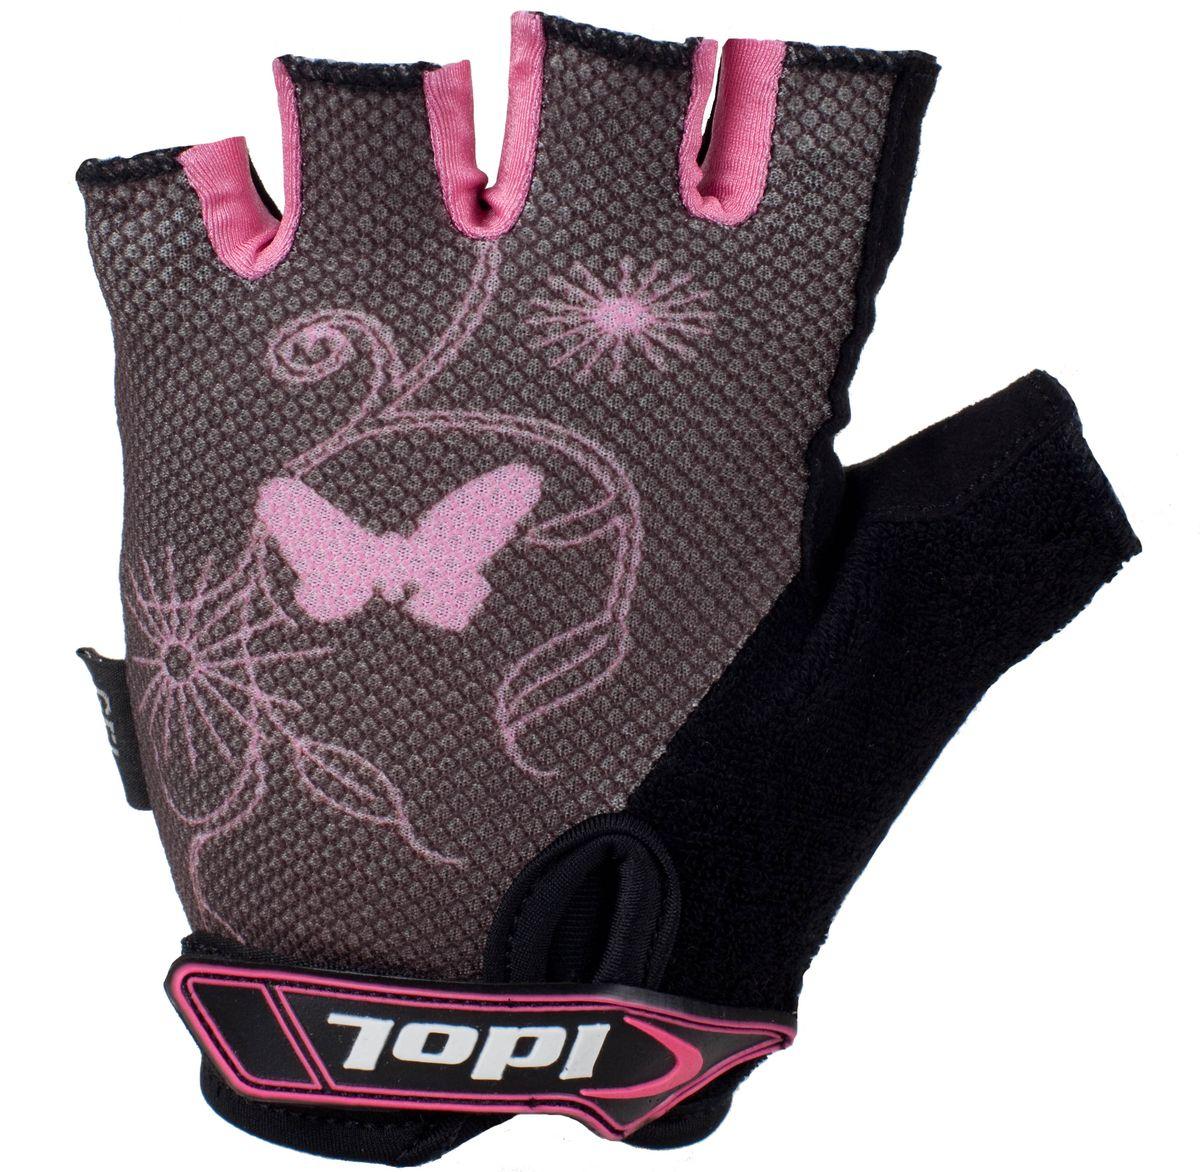 Перчатки велосипедные женские Idol, цвет: черный, розовый. 878. Размер L878Женские велосипедные перчатки без пальцев Idol предназначены для тех, кто занимается велоспортом, велотуризмом или просто катается на велосипеде. Рабочая поверхность велоперчаток выполнена из плотного сетчатого материала, а верхняя часть - из лайкры, хорошо отводящей влагу и, благодаря своей упругости, плотно сидящей на руке. На запястьях перчатки фиксируются прочными липучками. Для удобства снятия каждая перчатка оснащена двумя небольшими петельками.Высокое качество, технически совершенные материалы, оригинальный стильный дизайн, функциональность и долговечность выделяют велоперчатки Idol среди прочих.